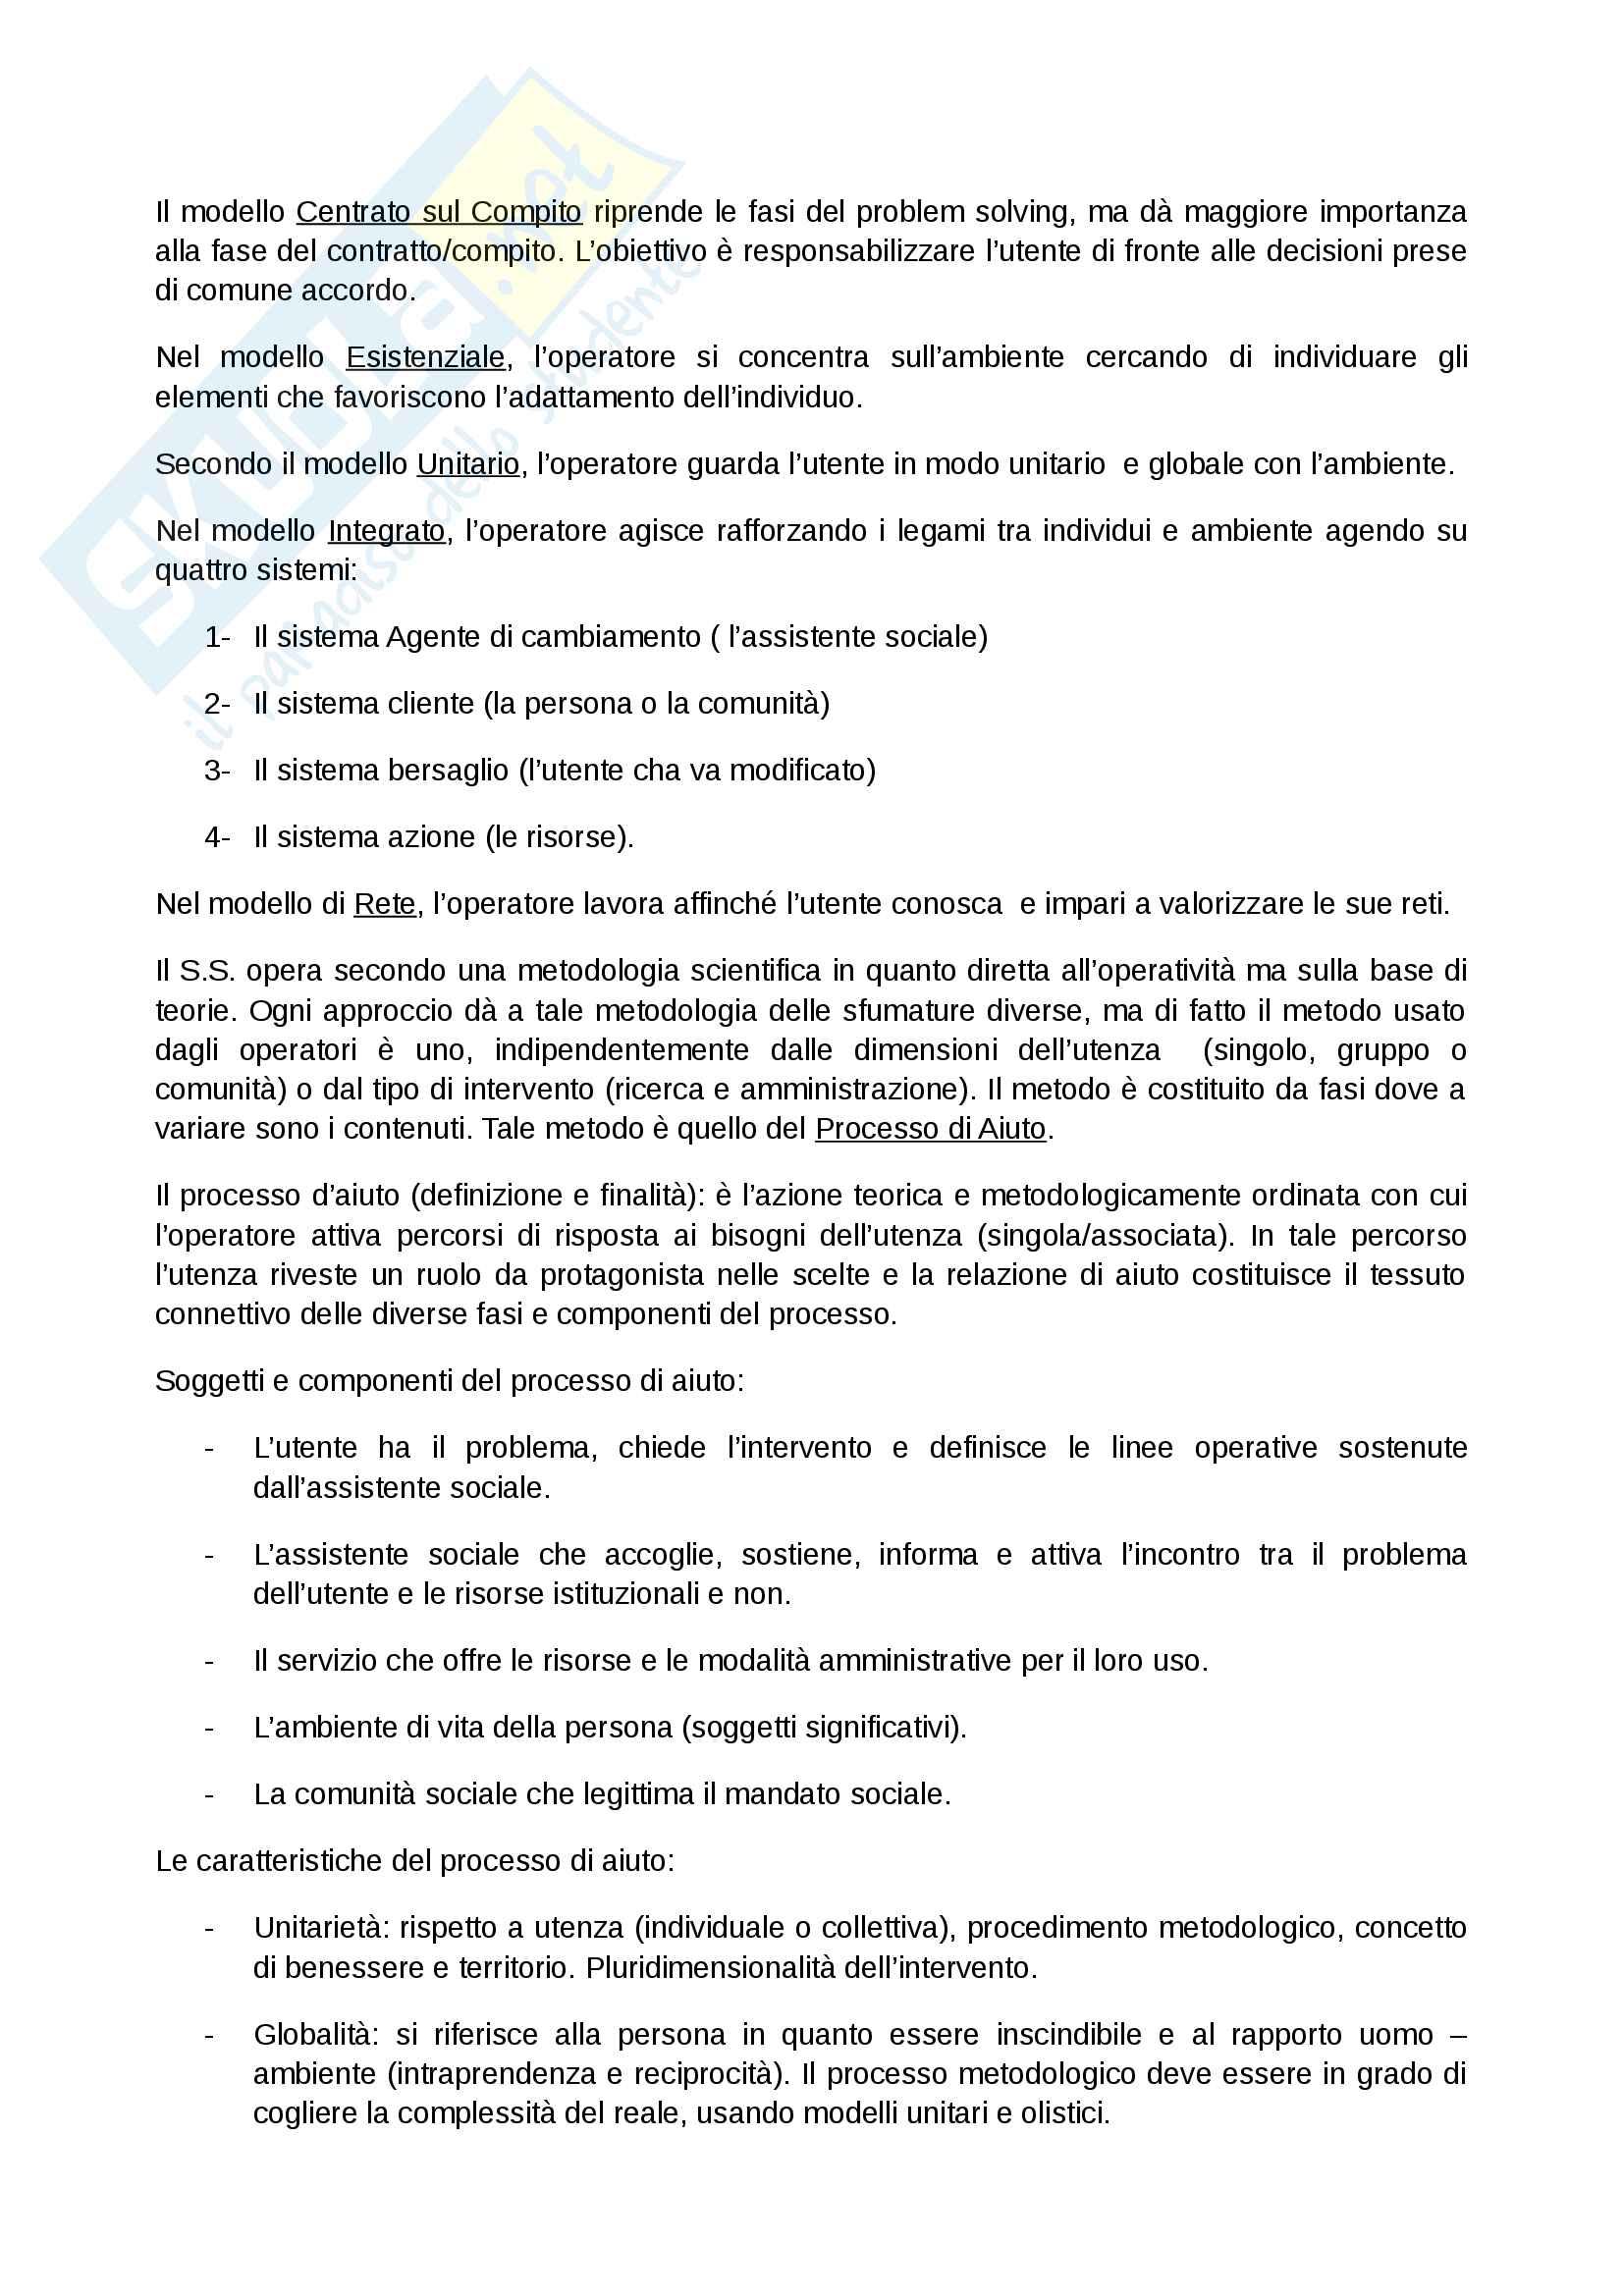 Lavoro sul caso processo di aiuto documentazione e strumenti, abilitazione assistente sociale Pag. 2